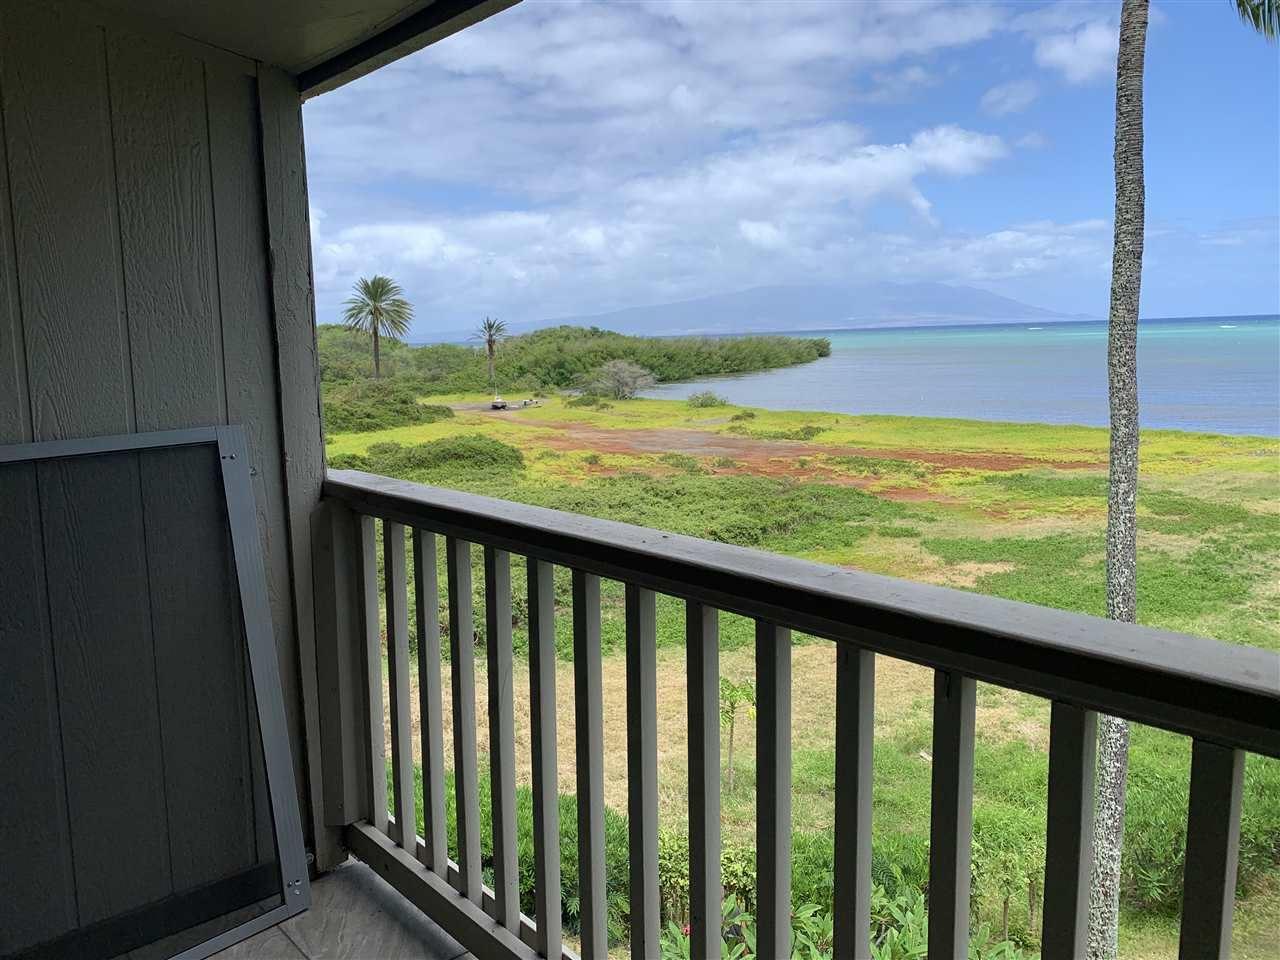 Photo of 7146 Kamehameha V Hwy #WCC303, Kaunakakai, HI 96748 (MLS # 390185)